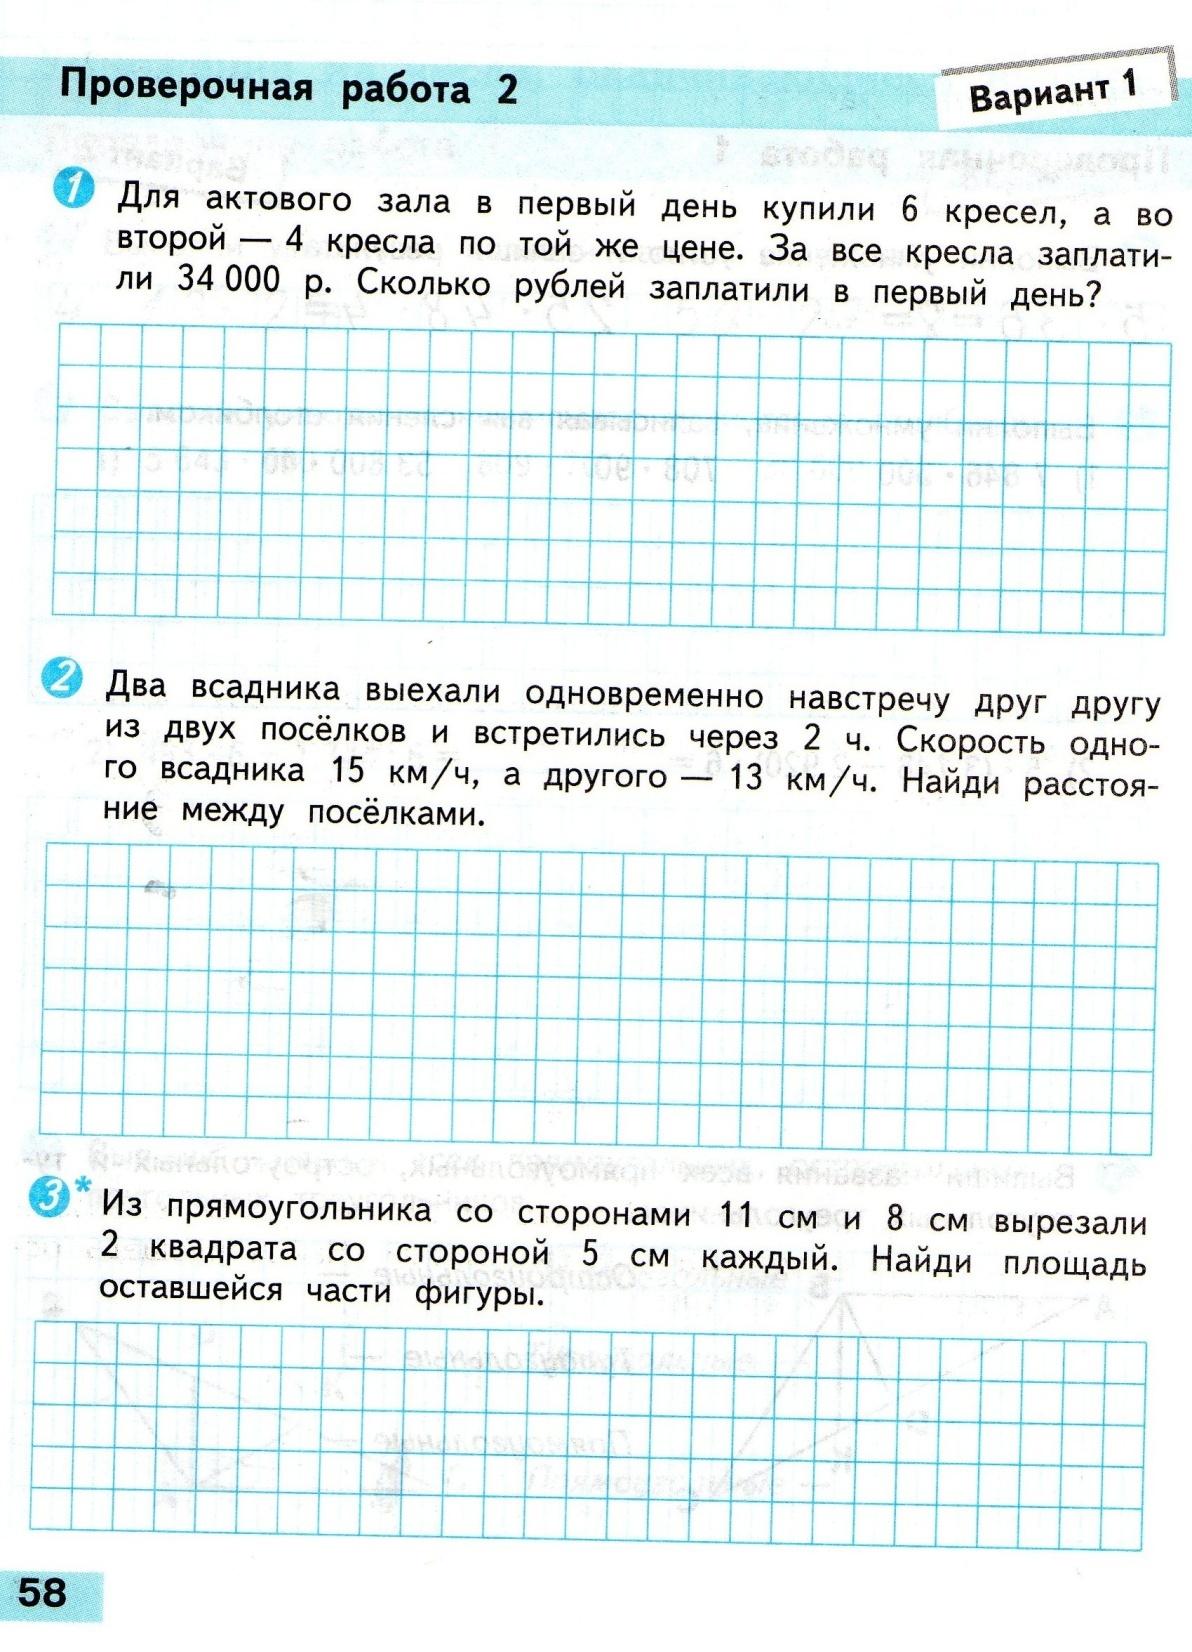 C:\Documents and Settings\Admin\Мои документы\Мои рисунки\1557.jpg